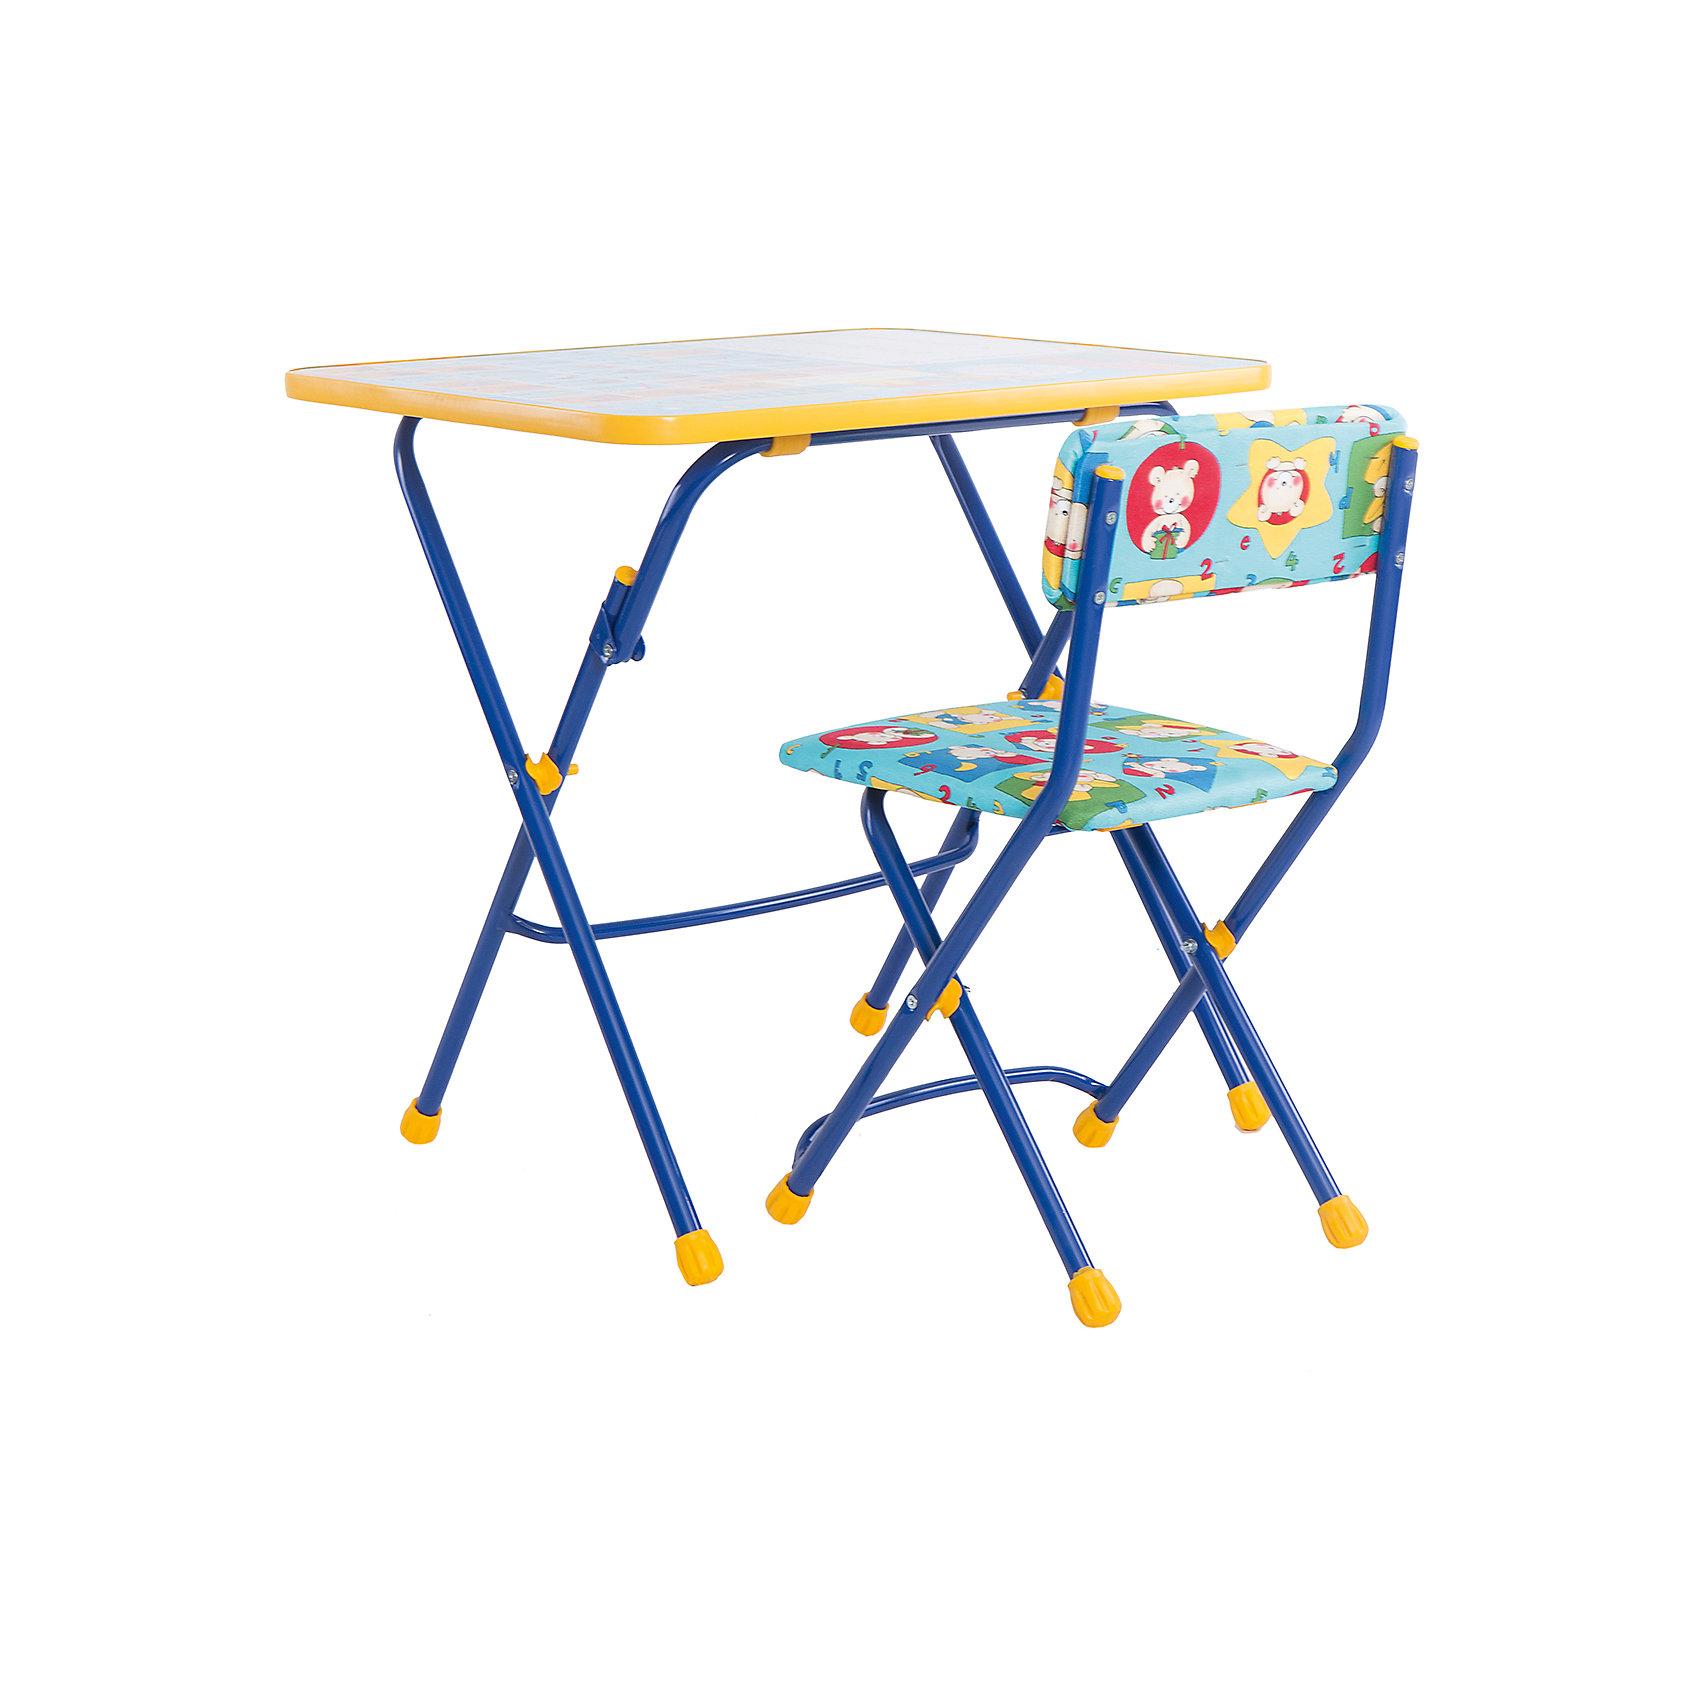 Набор мебели Первоклашка. Осень (синий)Столы и стулья<br>Симпатичный комфортный набор детской мебели Первоклашка. Осень, Ника, идеально подойдет для занятий, игр и творчества детей 3 -7 лет. В набор входят стол и стул с металлическим каркасом и мягким сиденьем. Пластиковая столешница оформлена красочными тематическими рисунками, которые познакомят ребенка с азбукой, цветами, цифрами и счетом. Обводя буквы фломастером прямо на столе он освоит написание алфавита. Мебель удобна и безопасна для ребенка, углы стола и стула мягко закруглены. Ножки снабжены наконечниками, предотвращающими скольжение. Стул и стол легко складываются и не занимают много места при хранении.<br><br>Дополнительная информация:<br><br>- Цвет: синий.<br>- В комплекте: складной стол, мягкий складной стул.<br>- Материал: пластик, металл.<br>- Размер стула: высота до сиденья - 32 см., высоты спинки стула - 56 см., размер сиденья - 30 х 27 см.<br>- Размер стола: 59,5 х 58 х 45,5 см.<br>- Размер упаковки: 75 х 60 х 15 см.<br>- Вес: 8,2 кг.<br><br>Набор детской мебели Первоклашка. Осень, синий, Ника, можно купить в нашем интернет-магазине.<br><br>Ширина мм: 750<br>Глубина мм: 160<br>Высота мм: 610<br>Вес г: 8200<br>Возраст от месяцев: 36<br>Возраст до месяцев: 96<br>Пол: Унисекс<br>Возраст: Детский<br>SKU: 4652031